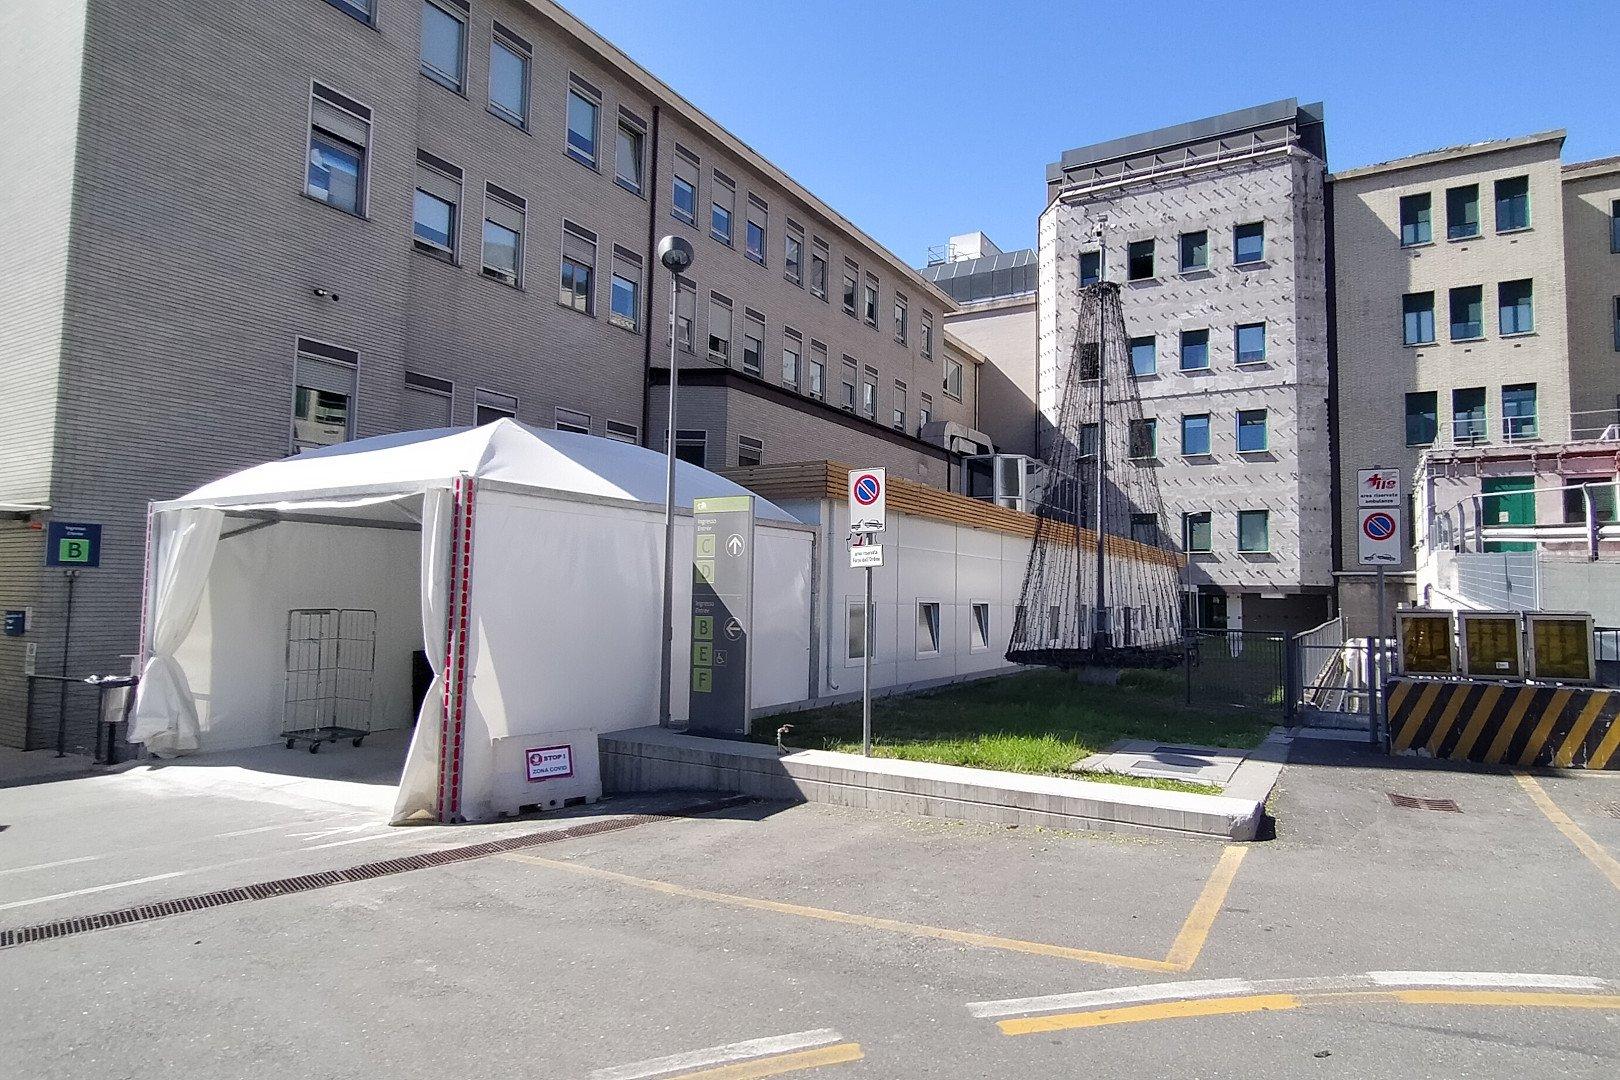 La zona del 'triangolo covid' dell'ospedale 'Parini' di Aosta